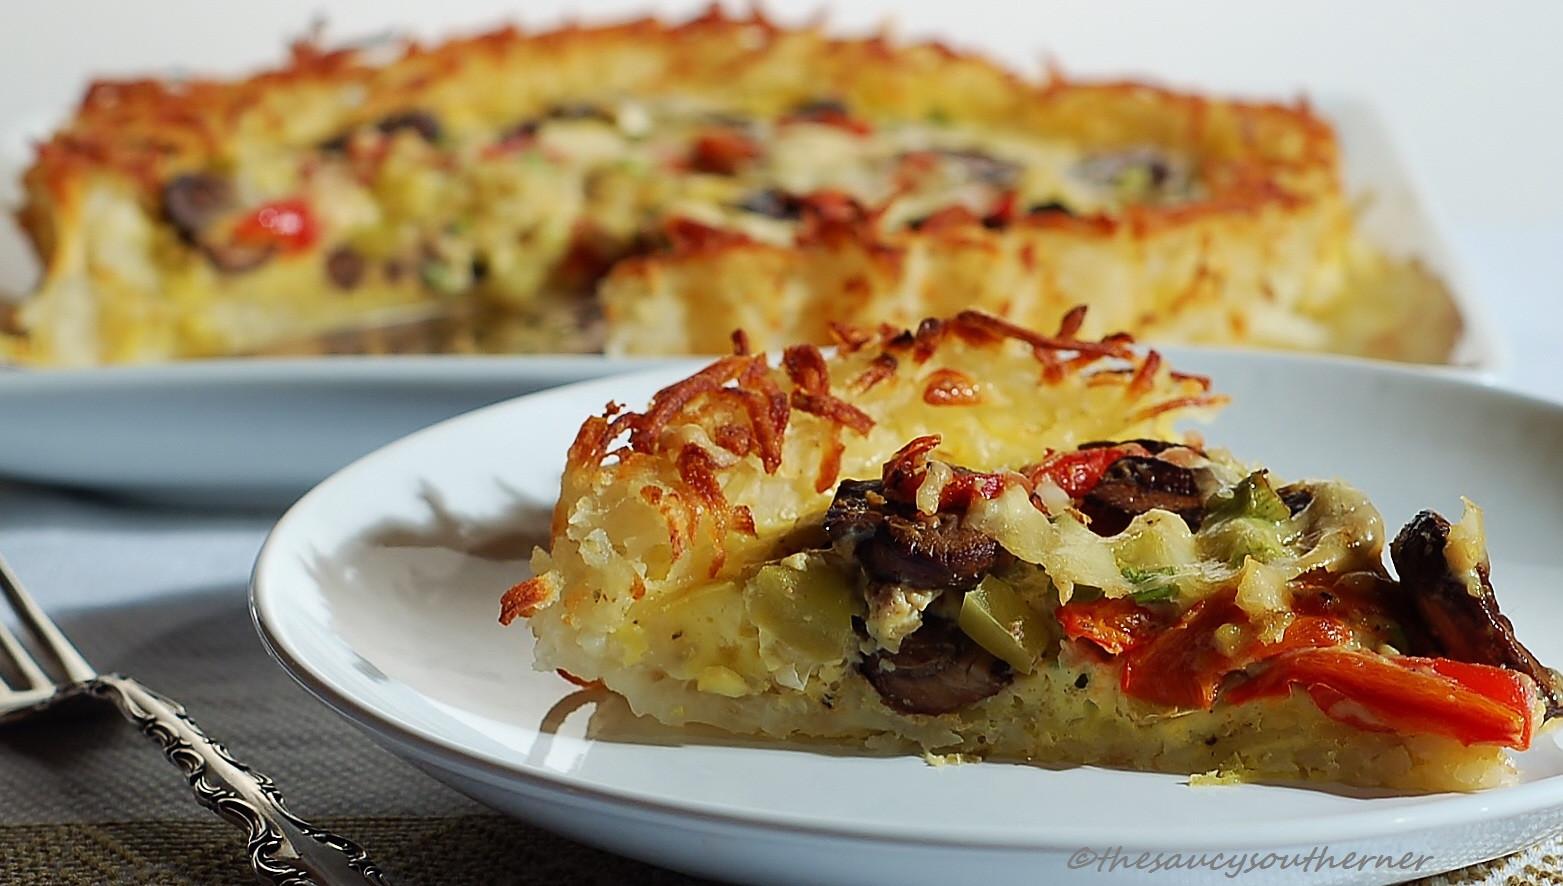 Shredded Potato Recipes  Grated Potato Crust Quiche with Portobellos Green